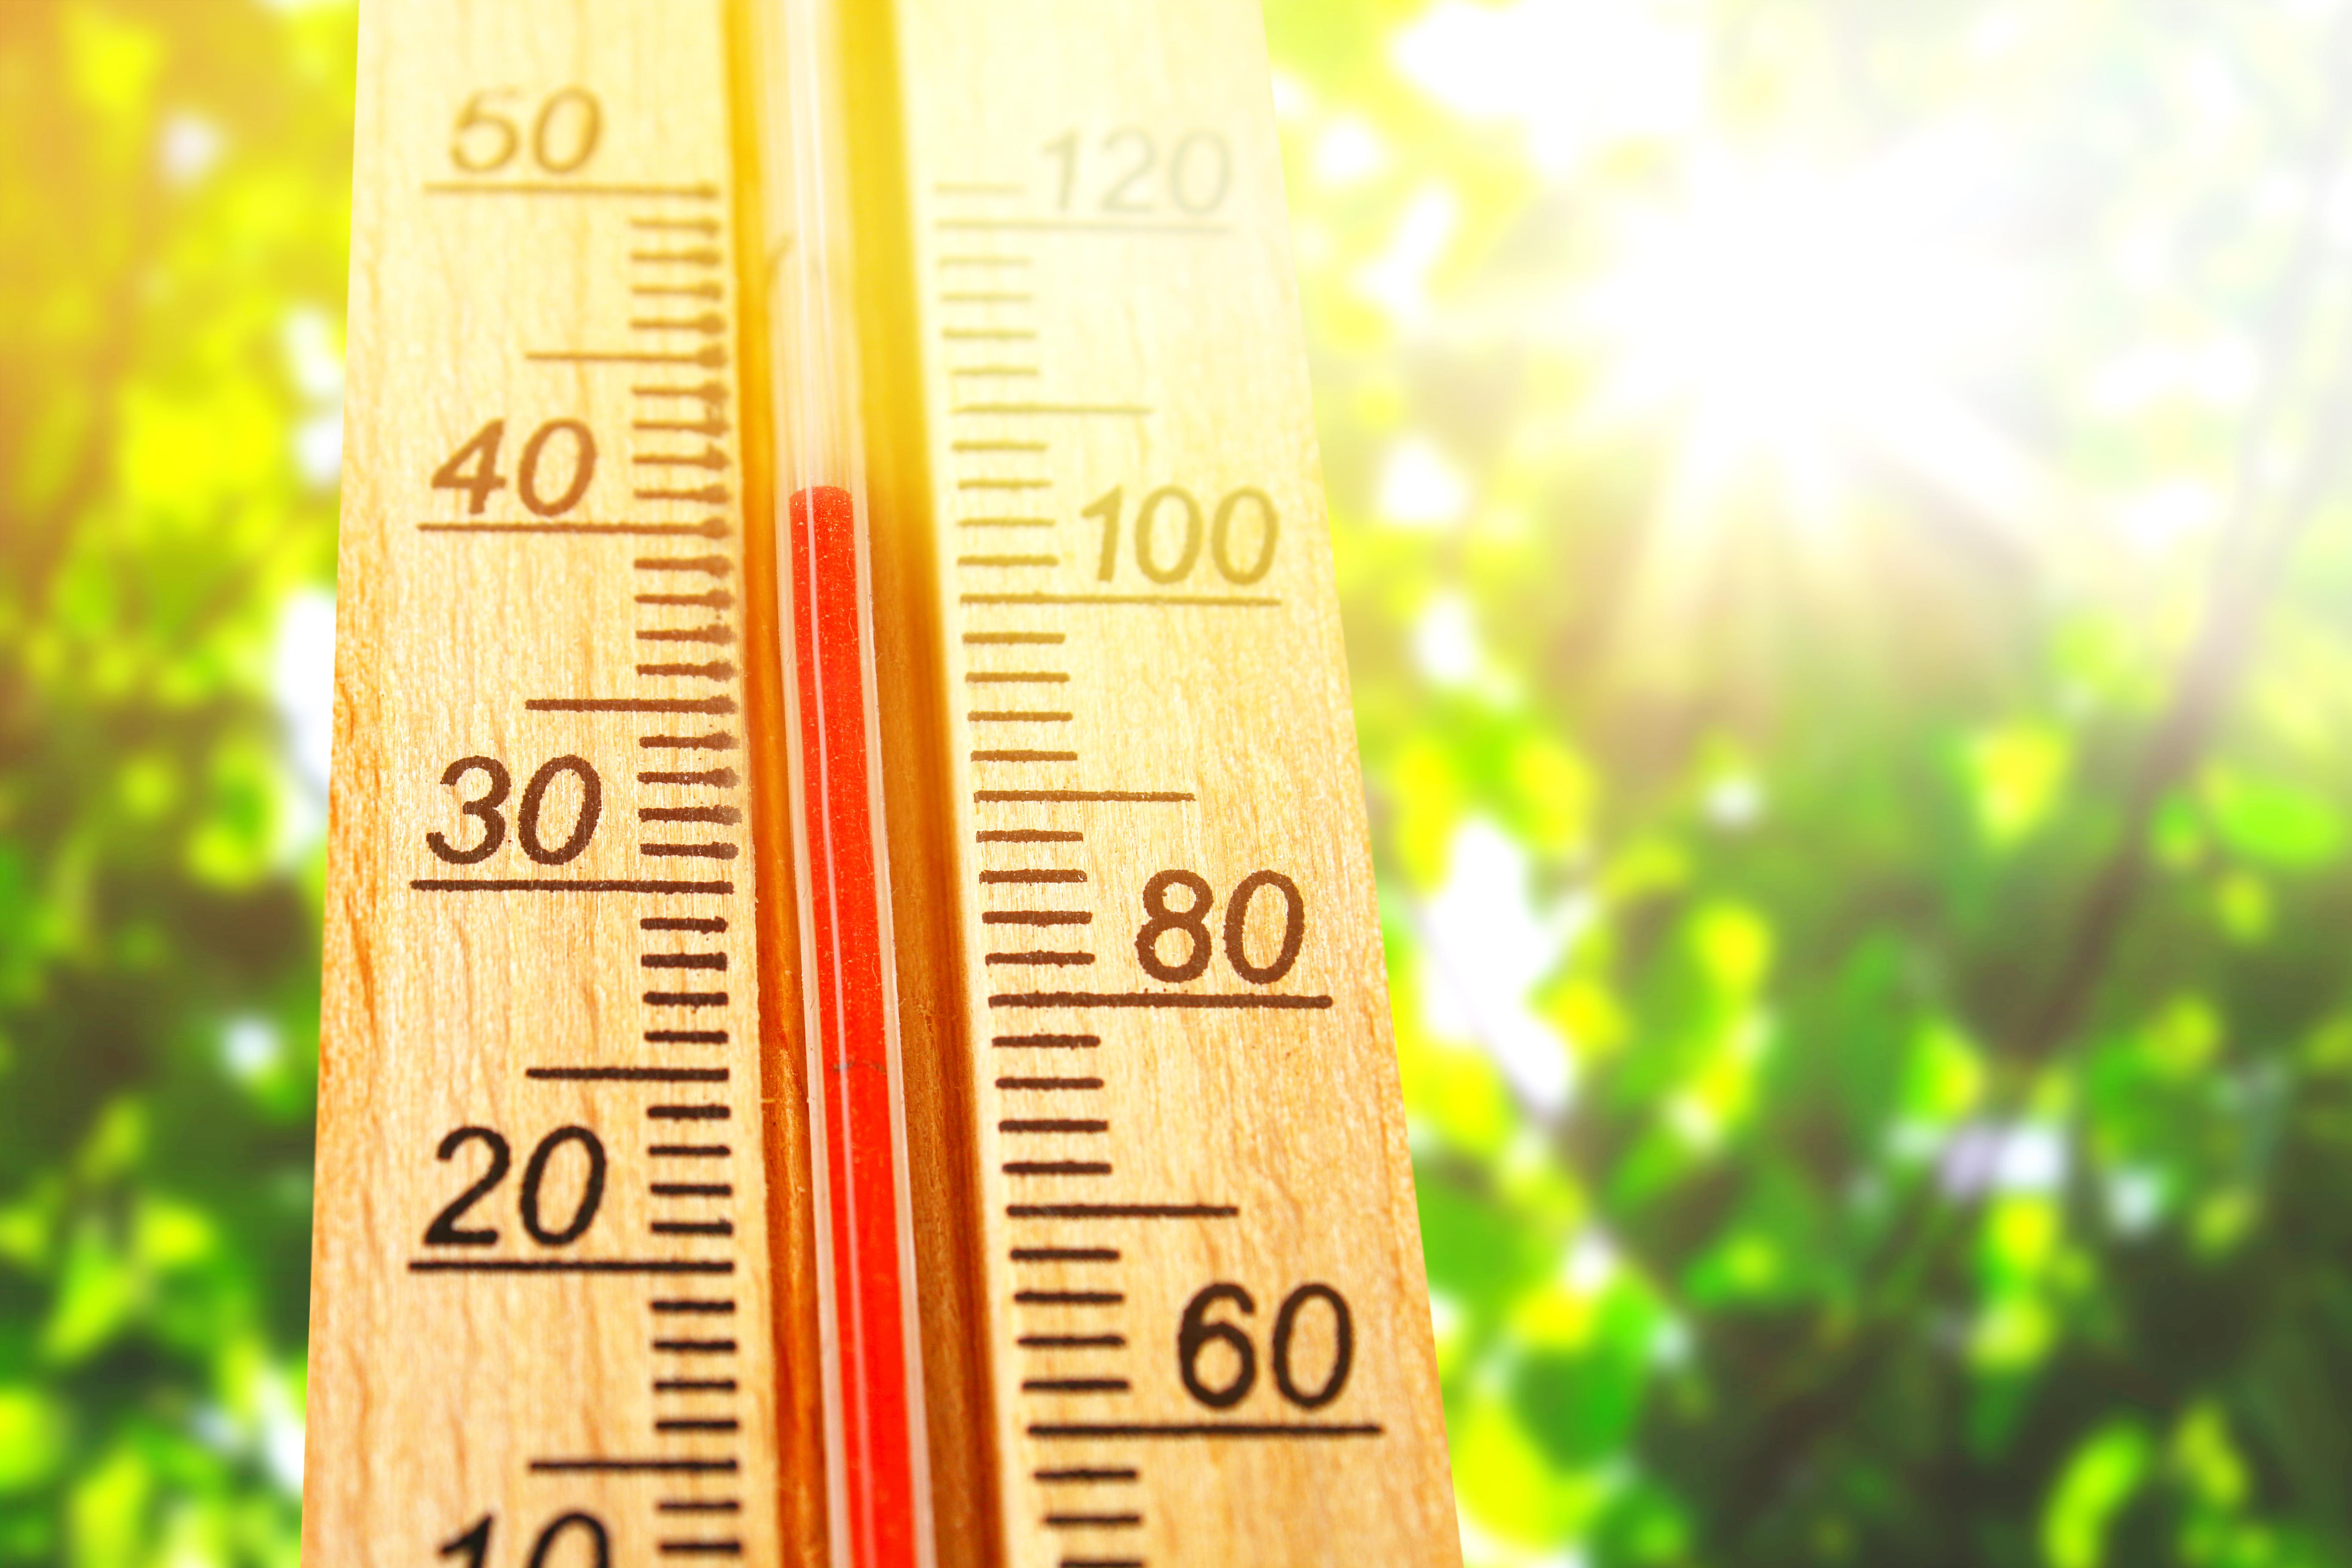 Es fundamental saber reconocer los síntomas para poder actuar a tiempo en caso de insolación u ola de calor.